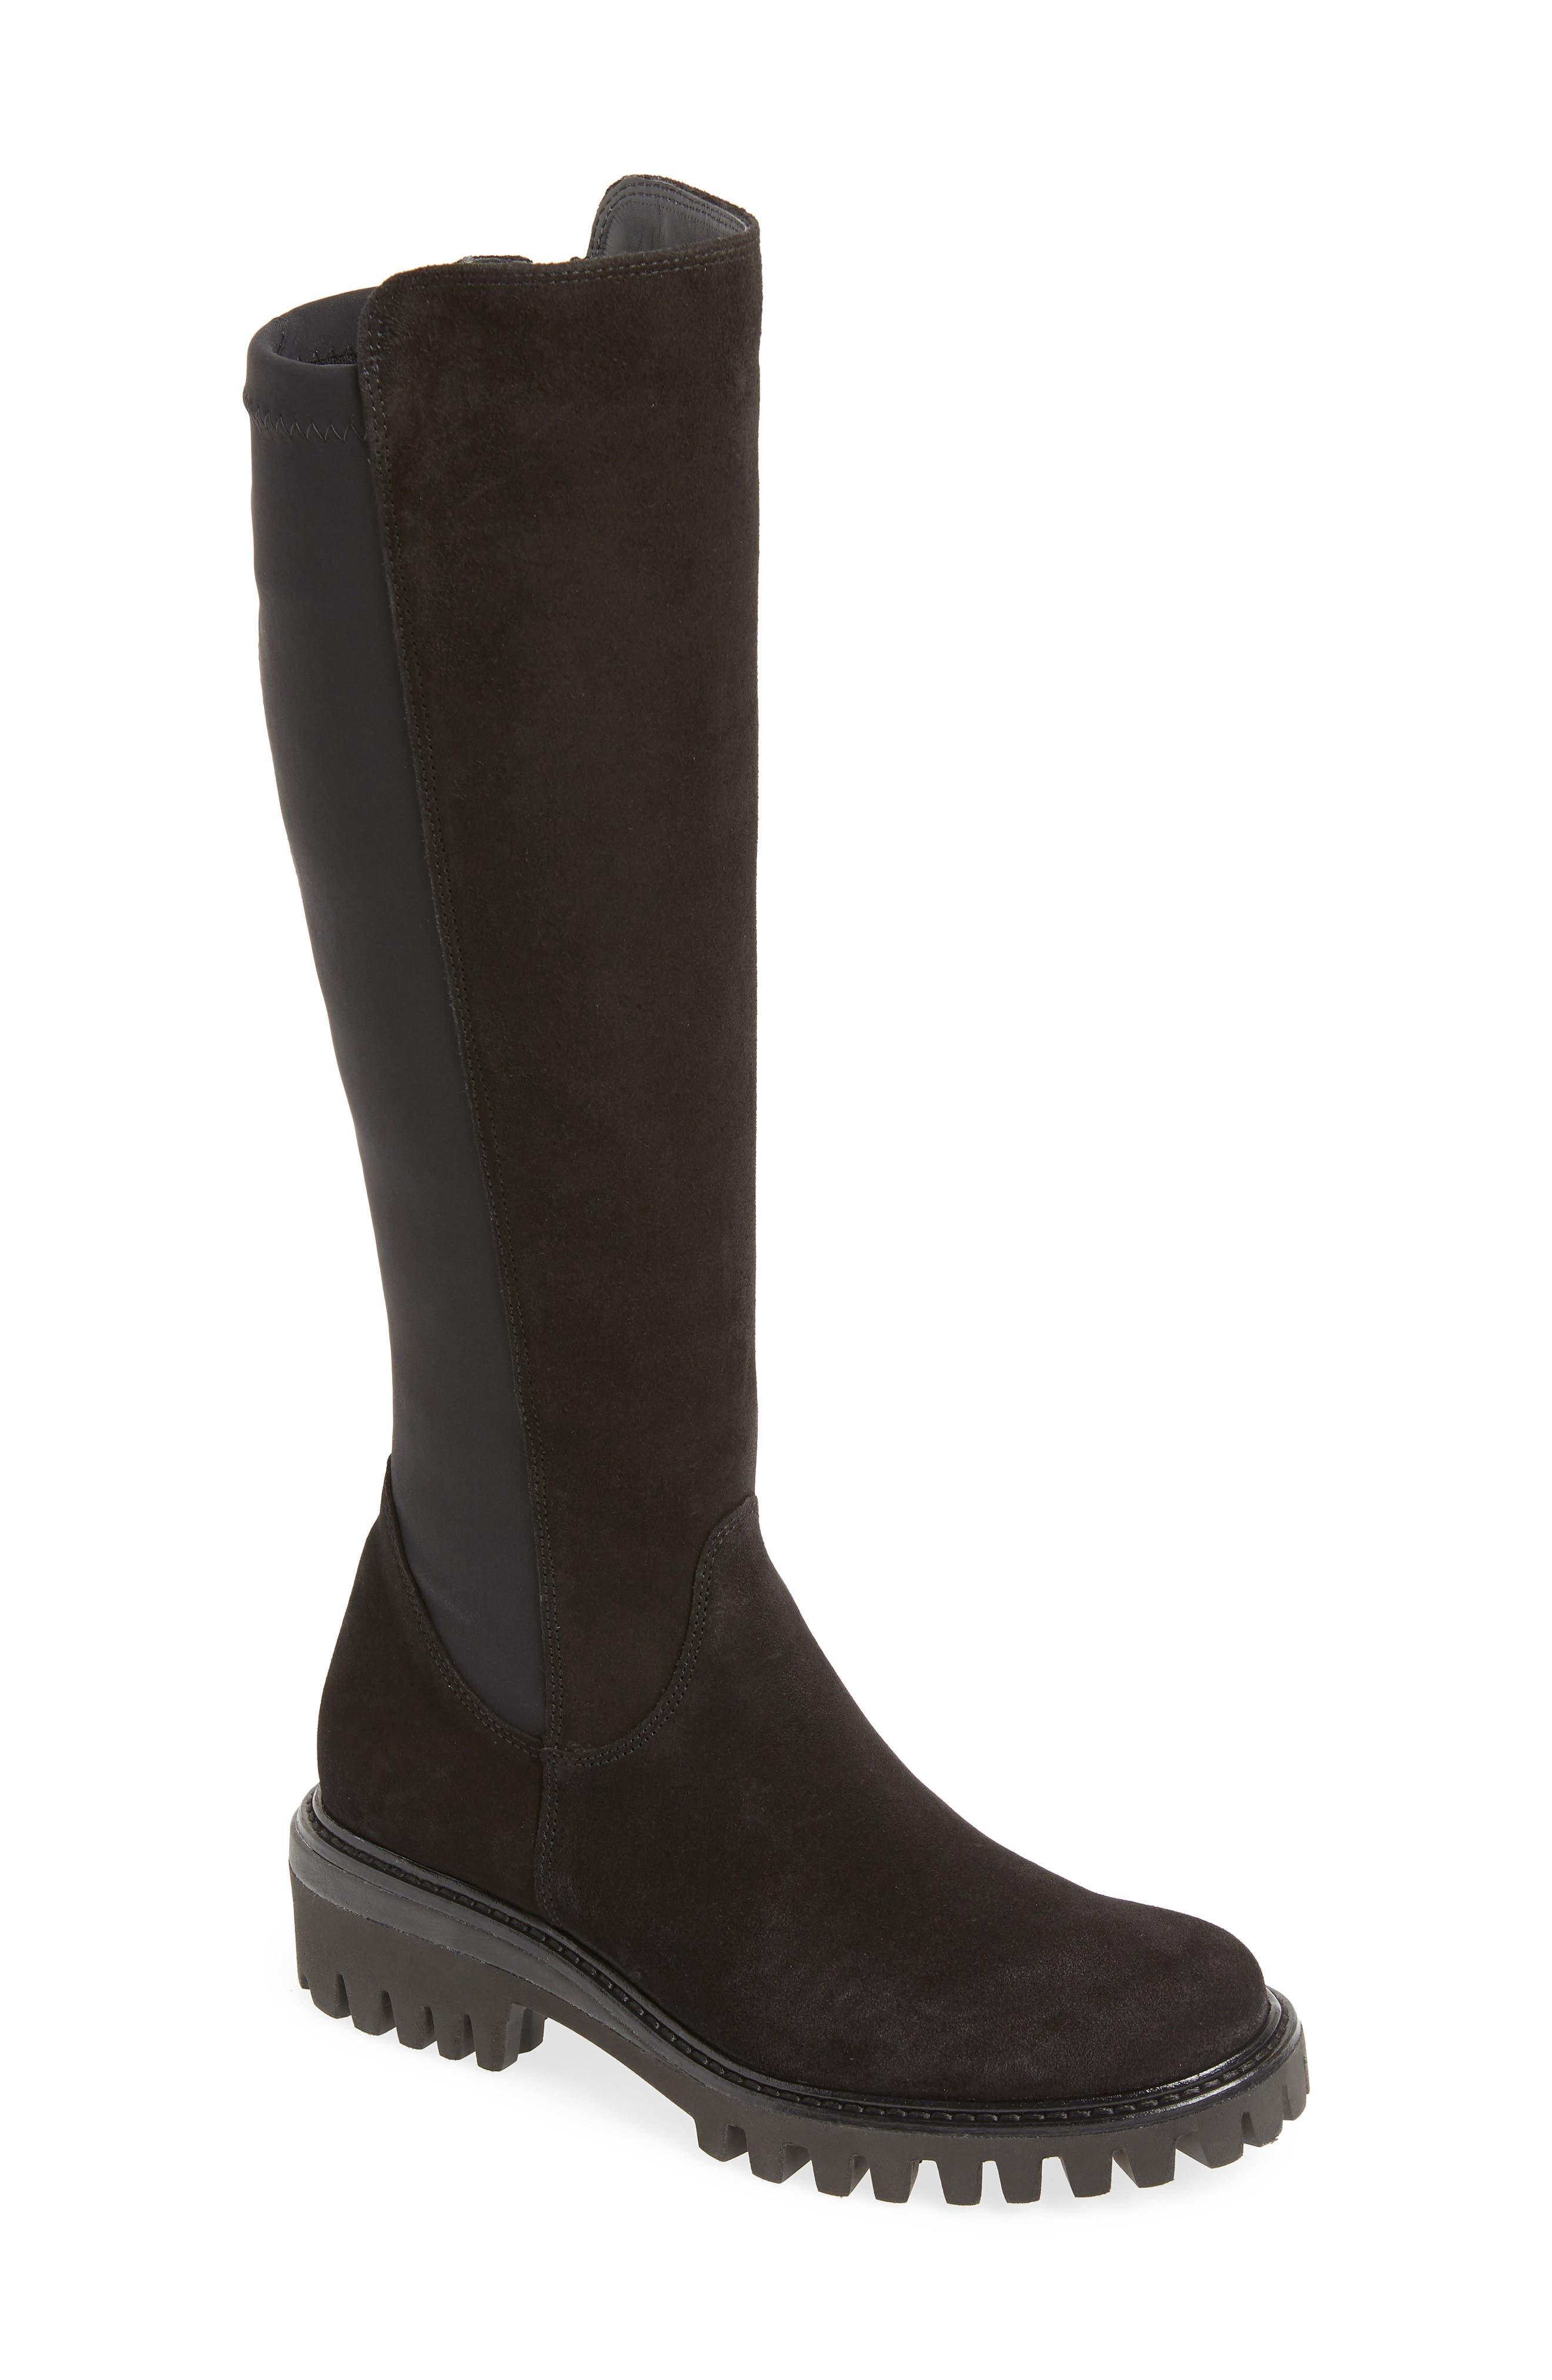 Paul Green Tuscan Water Resistant Boot - Black